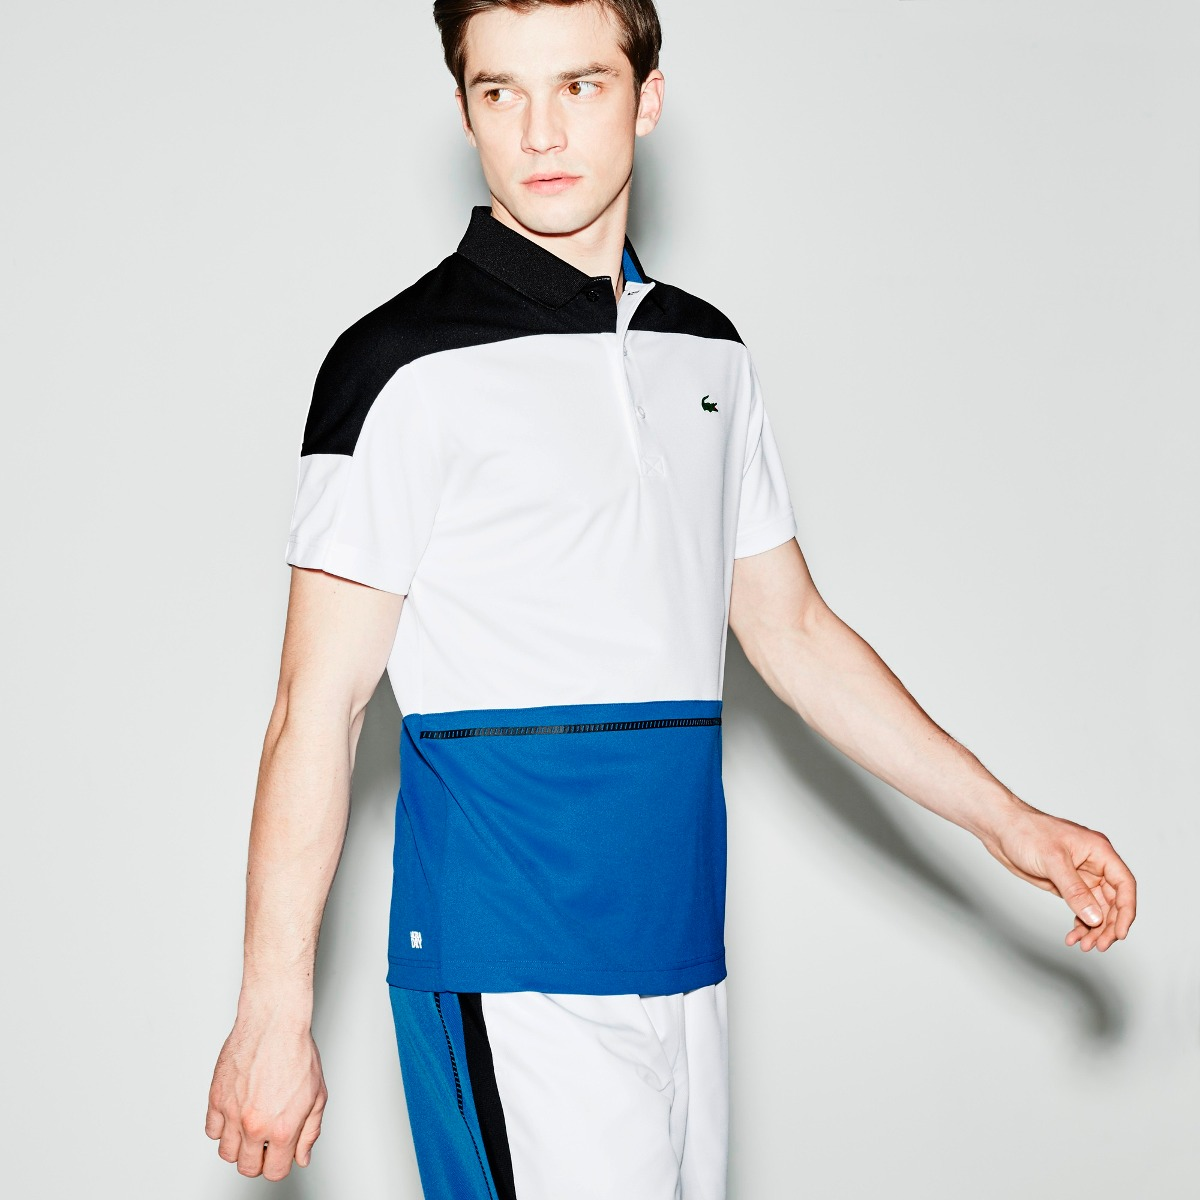 8f6fb571e35 camisa polo lacoste tennis sport ultra dry em poliester. Carregando zoom.